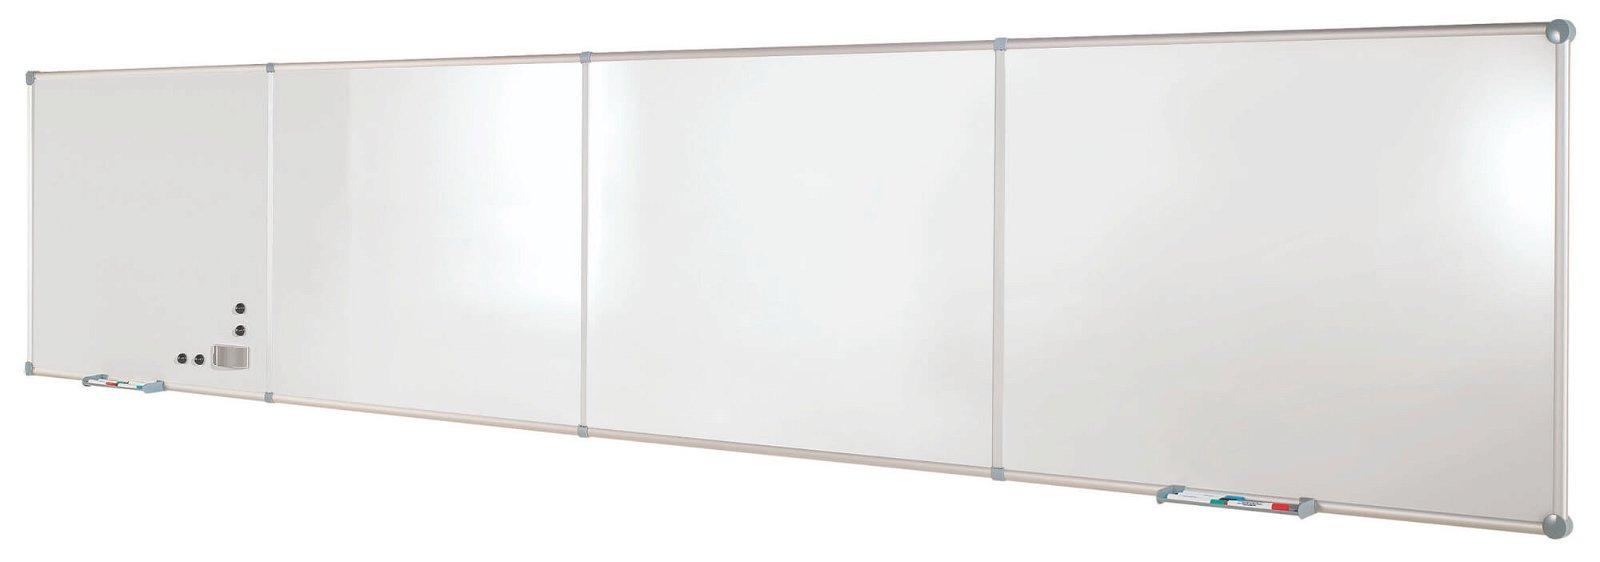 Endlos-Whiteboard Erweite- rung, 90x120 cm, quer, Emaille, grau